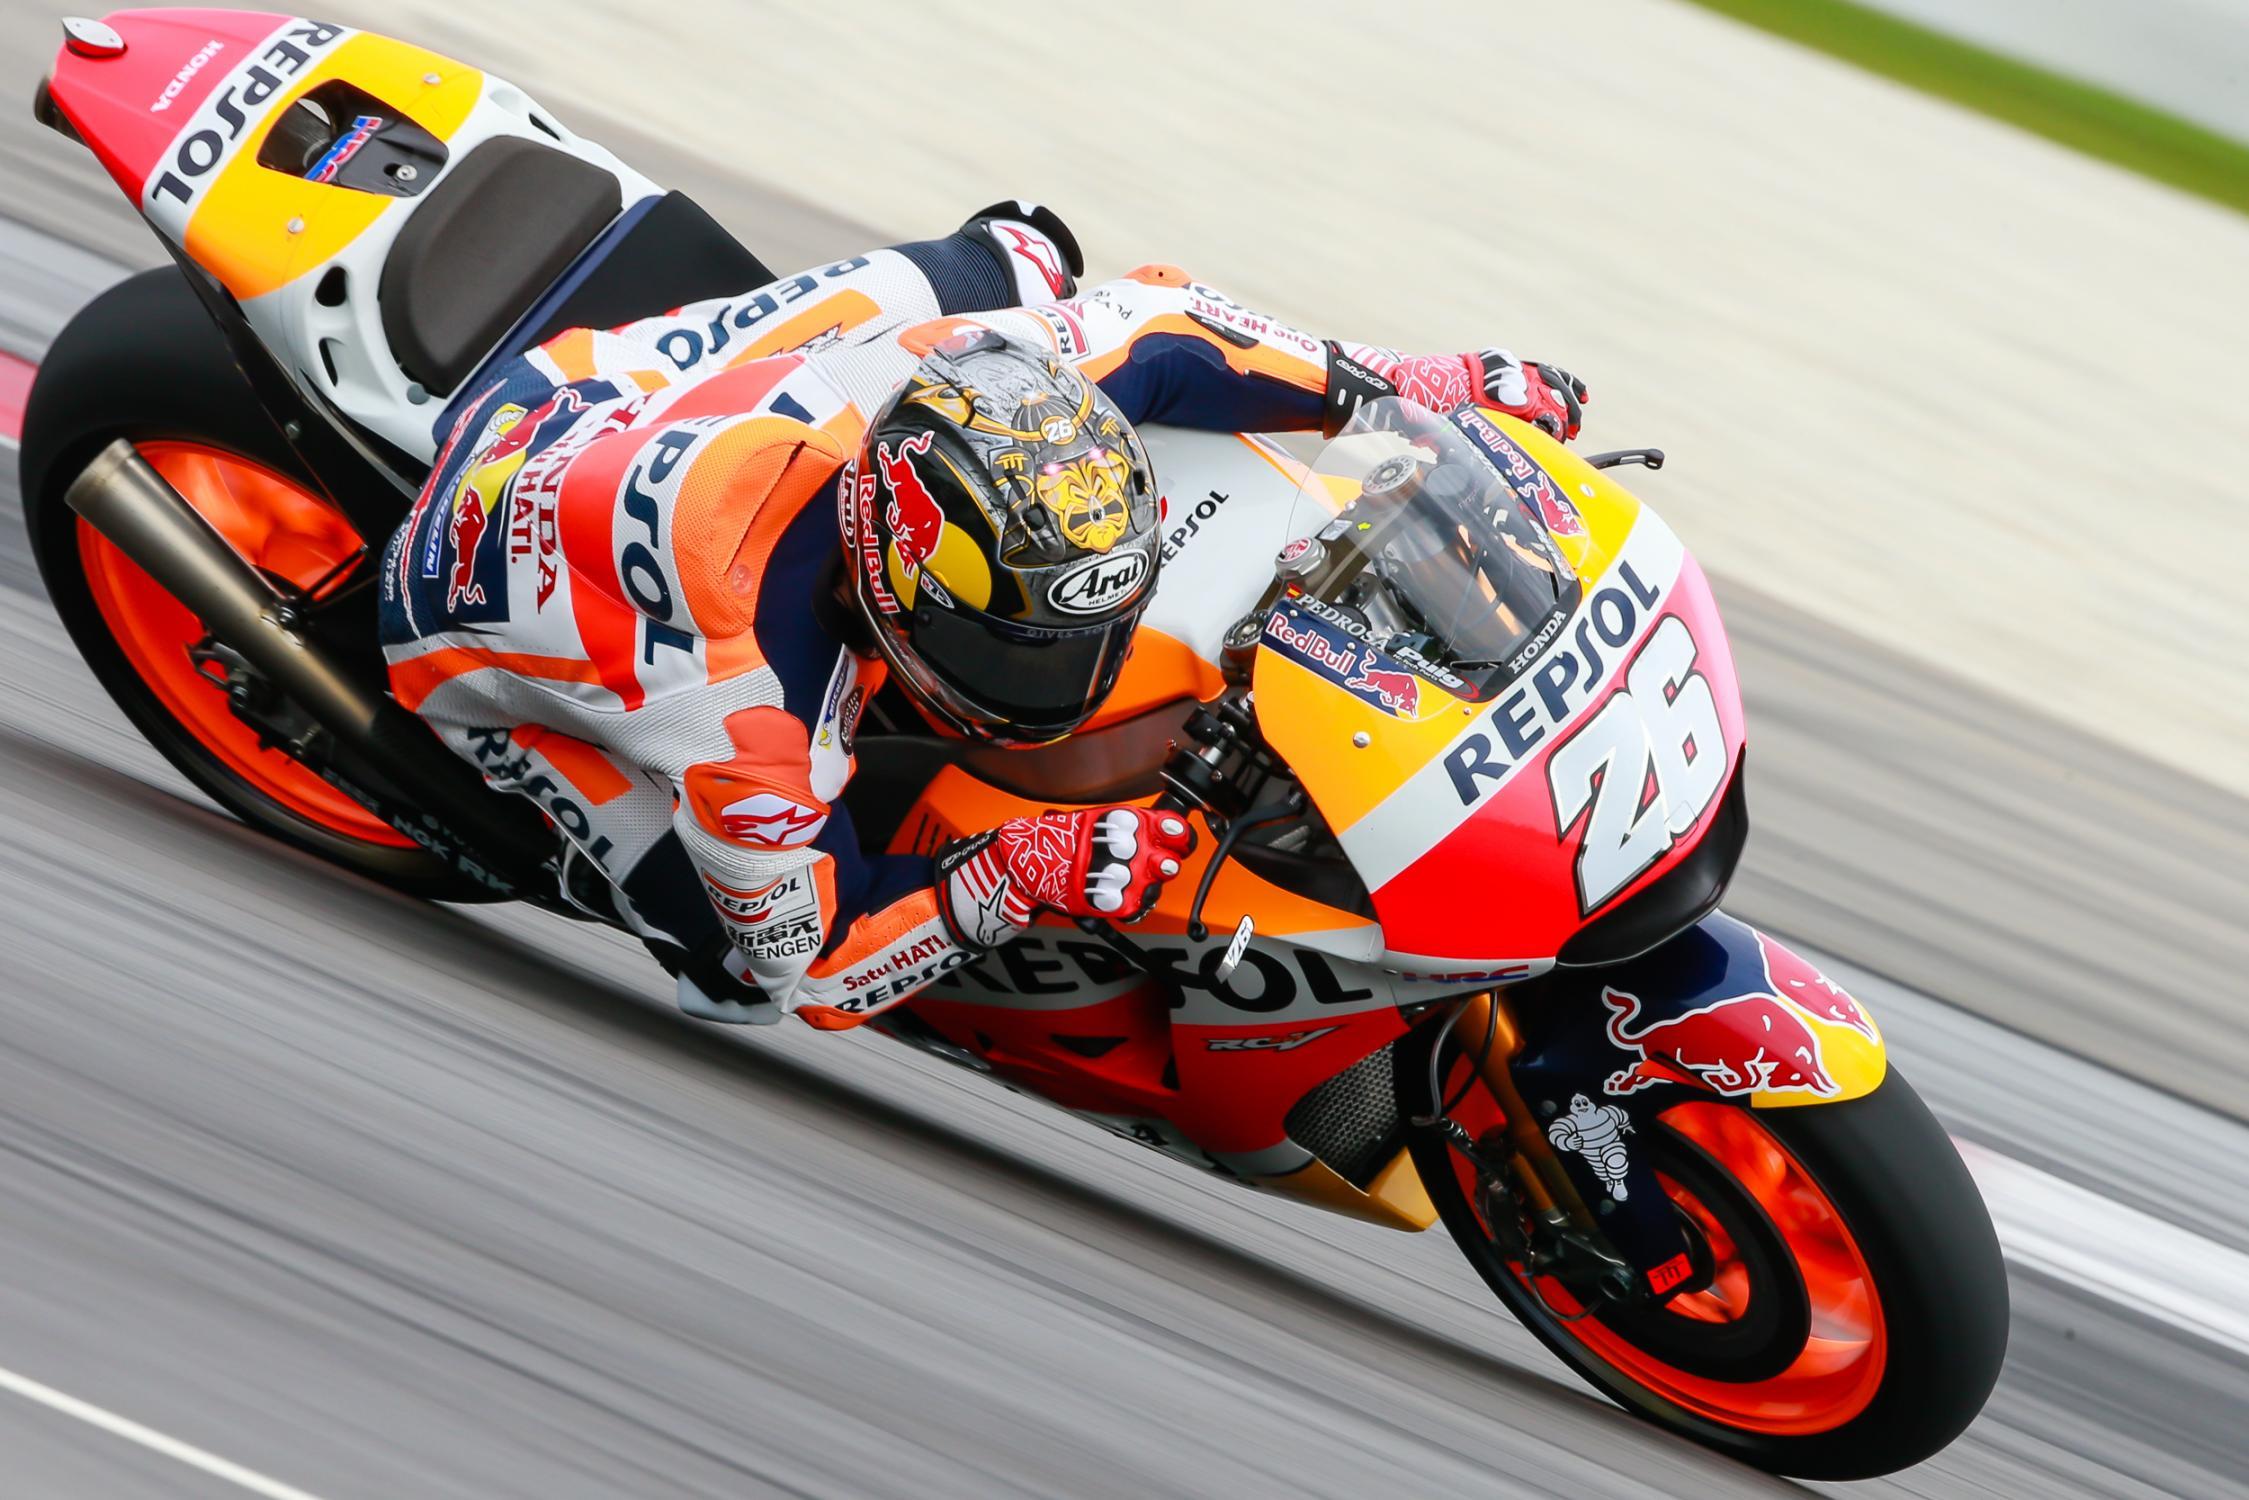 [MotoGP] Test Sepang 26-dani-pedrosa-esp_gp_0361.gallery_full_top_fullscreen